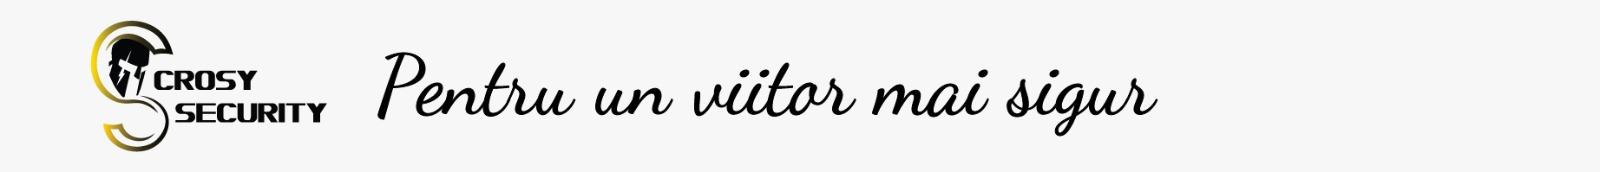 Camere de supraveghere exterior 13 Septembrie, Camere de supraveghere exterior Aviatorilor, Camere de supraveghere exterior Aviației, Camere de supraveghere exterior Aviatiei, Camere de supraveghere exterior Balta Albă, Camere de supraveghere exterior Balta Alba, Camere de supraveghere exterior Baicului, Camere de supraveghere exterior Berceni, Camere de supraveghere exterior Brâncuși, Camere de supraveghere exterior Brancusi, Camere de supraveghere exterior Bucureștii Noi, Camere de supraveghere exterior Bucurestii Noi, Camere de supraveghere exterior Băneasa, Camere de supraveghere exterior Baneasa, Camere de supraveghere exterior Centrul Civic, Camere de supraveghere exterior Centrul istoric, Camere de supraveghere exterior Chitila, Camere de supraveghere exterior Colentina, Camere de supraveghere exterior Cotroceni, Camere de supraveghere exterior Crângași, Camere de supraveghere exterior Crangasi, Camere de supraveghere exterior Dealul Spirii, Camere de supraveghere exterior Diham, Camere de supraveghere exterior Doamna Ghica, Camere de supraveghere exterior Domenii, Camere de supraveghere exterior Dorobanți, Camere de supraveghere exterior Dorobanti, Camere de supraveghere exterior Dristor, Camere de supraveghere exterior Drumul Taberei, Camere de supraveghere exterior Dudești, Camere de supraveghere exterior Dudesti, Camere de supraveghere exterior Dămăroaia, Camere de supraveghere exterior Damaroaia, Camere de supraveghere exterior Ferentari, Camere de supraveghere exterior Floreasca, Camere de supraveghere exterior Gara de Nord, Camere de supraveghere exterior Ghencea, Camere de supraveghere exterior Giulești, Camere de supraveghere exterior Giulesti, Camere de supraveghere exterior Giurgiului, Camere de supraveghere exterior Grozăvești, Camere de supraveghere exterior Grozavesti, Camere de supraveghere exterior Grivița, Camere de supraveghere exterior Grivita, Camere de supraveghere exterior Iancului, Camere de supraveghere exterior Ion Creangă, Camere de 